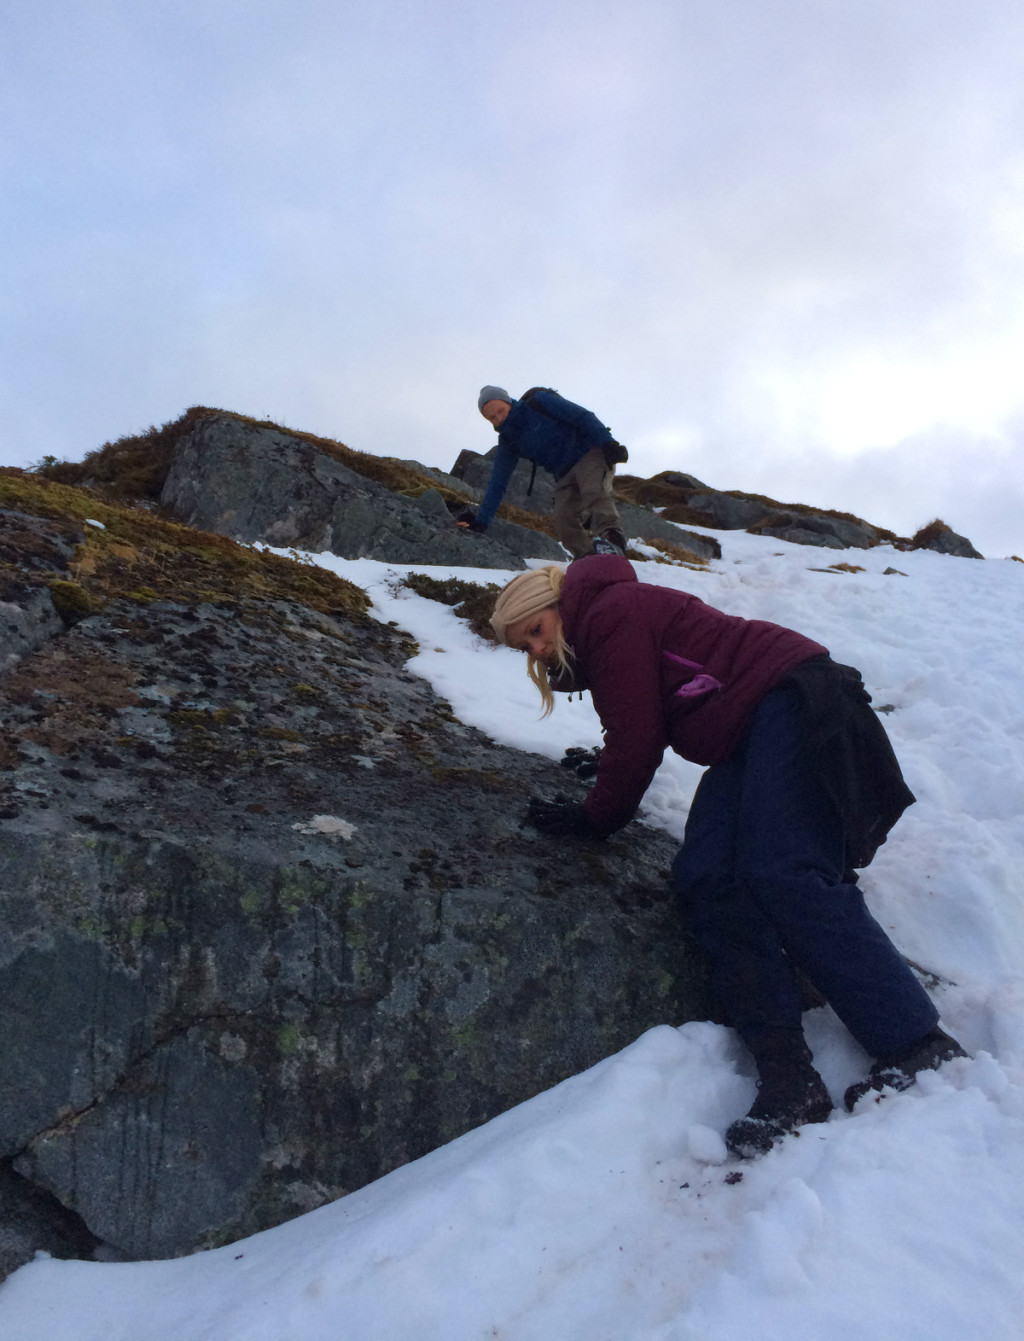 vanskelig terreng i lofoten fjellet